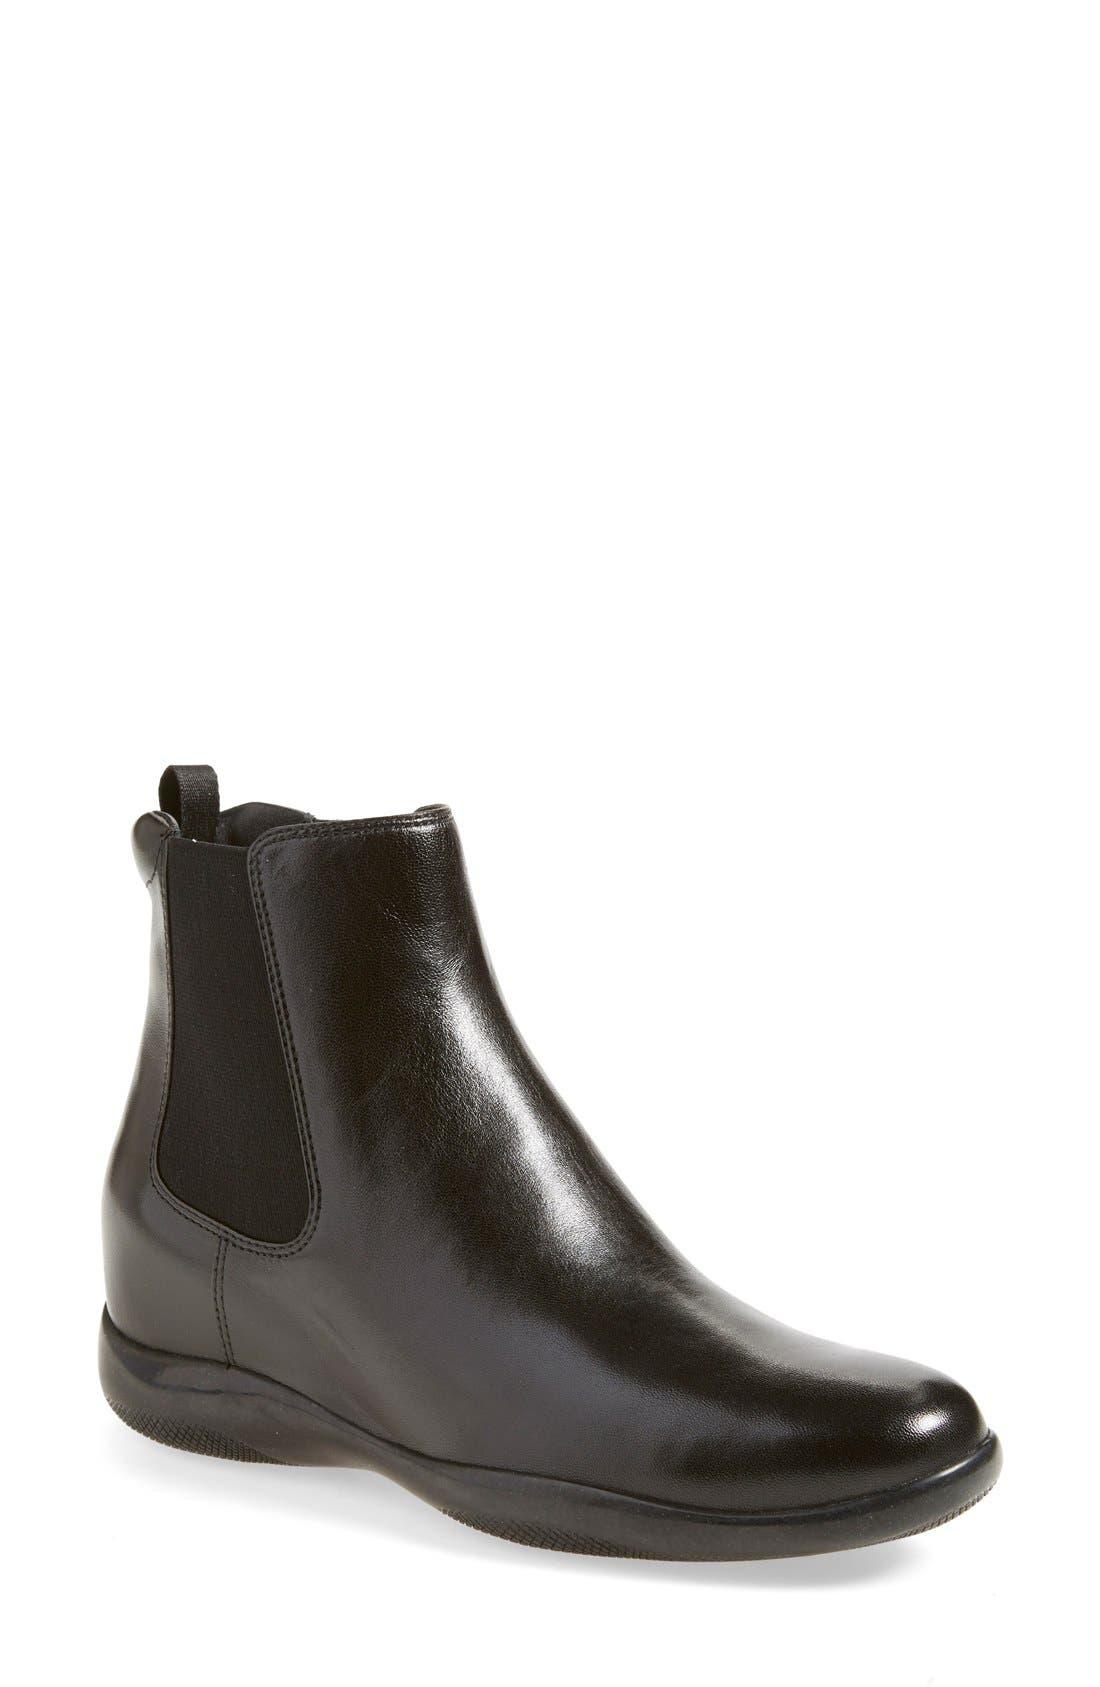 Alternate Image 1 Selected - Prada Sport Boot (Women)